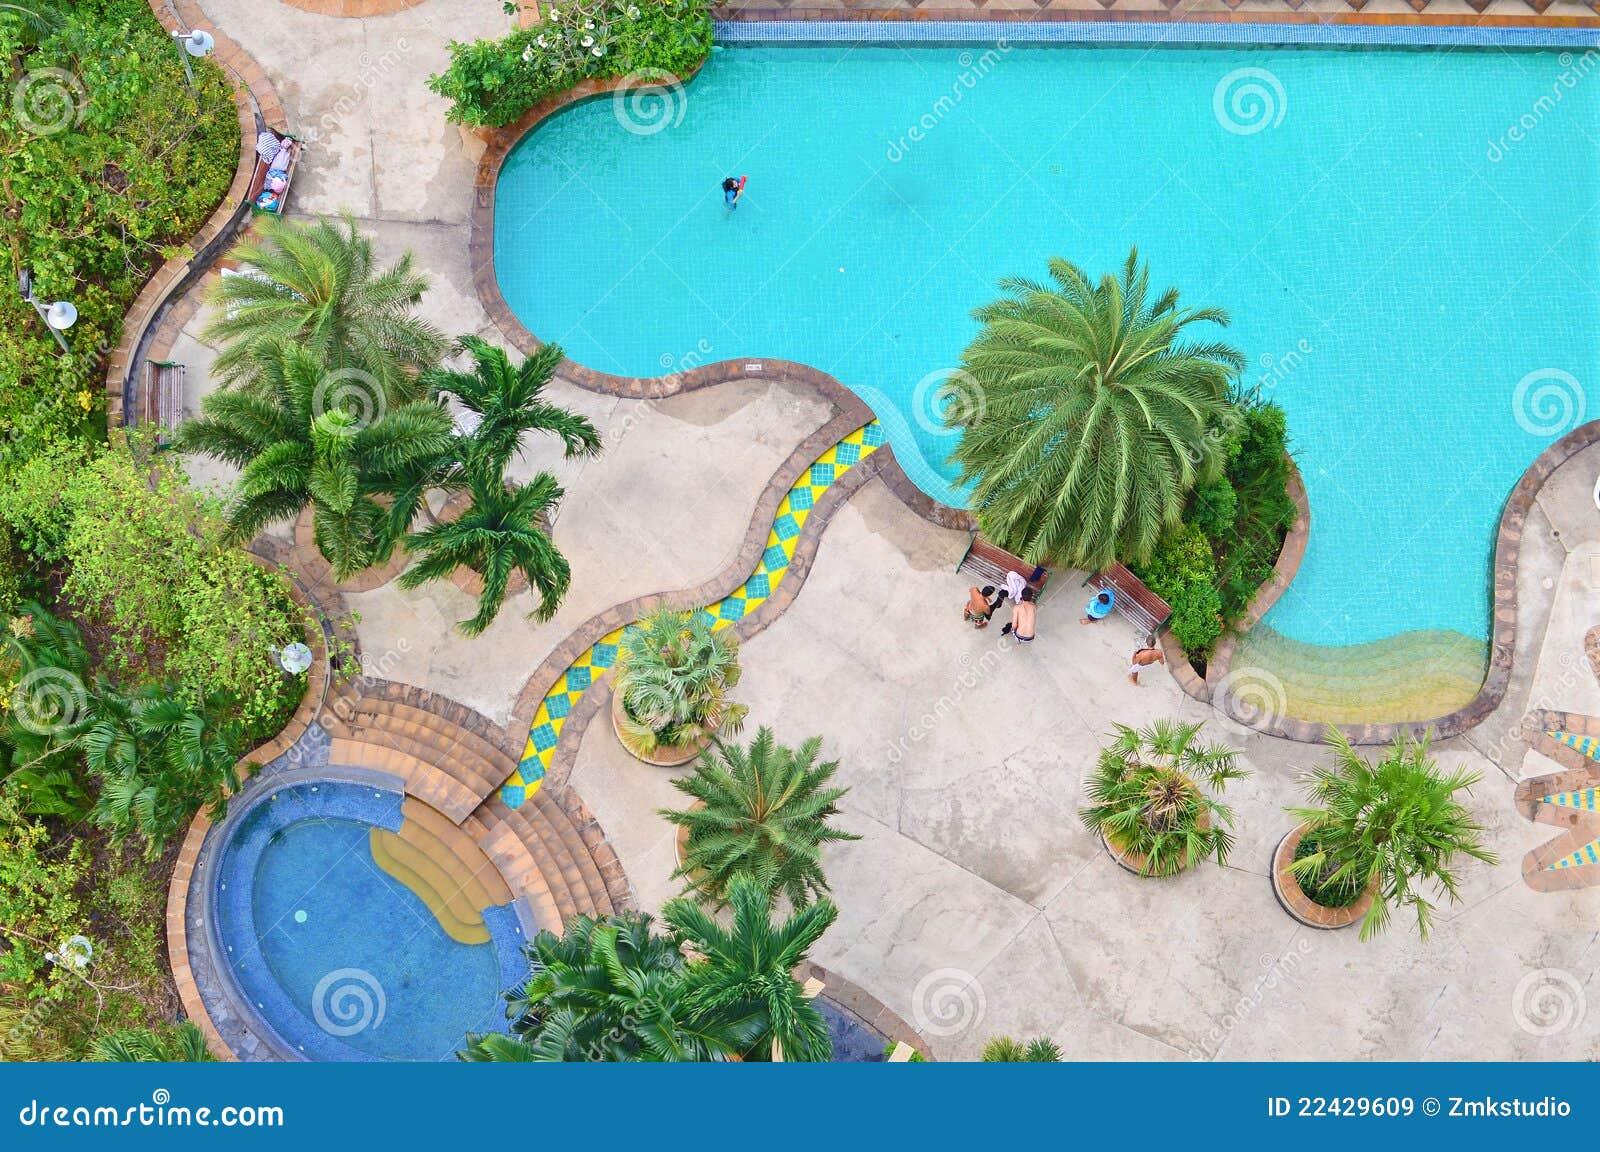 Swimming pool plan view